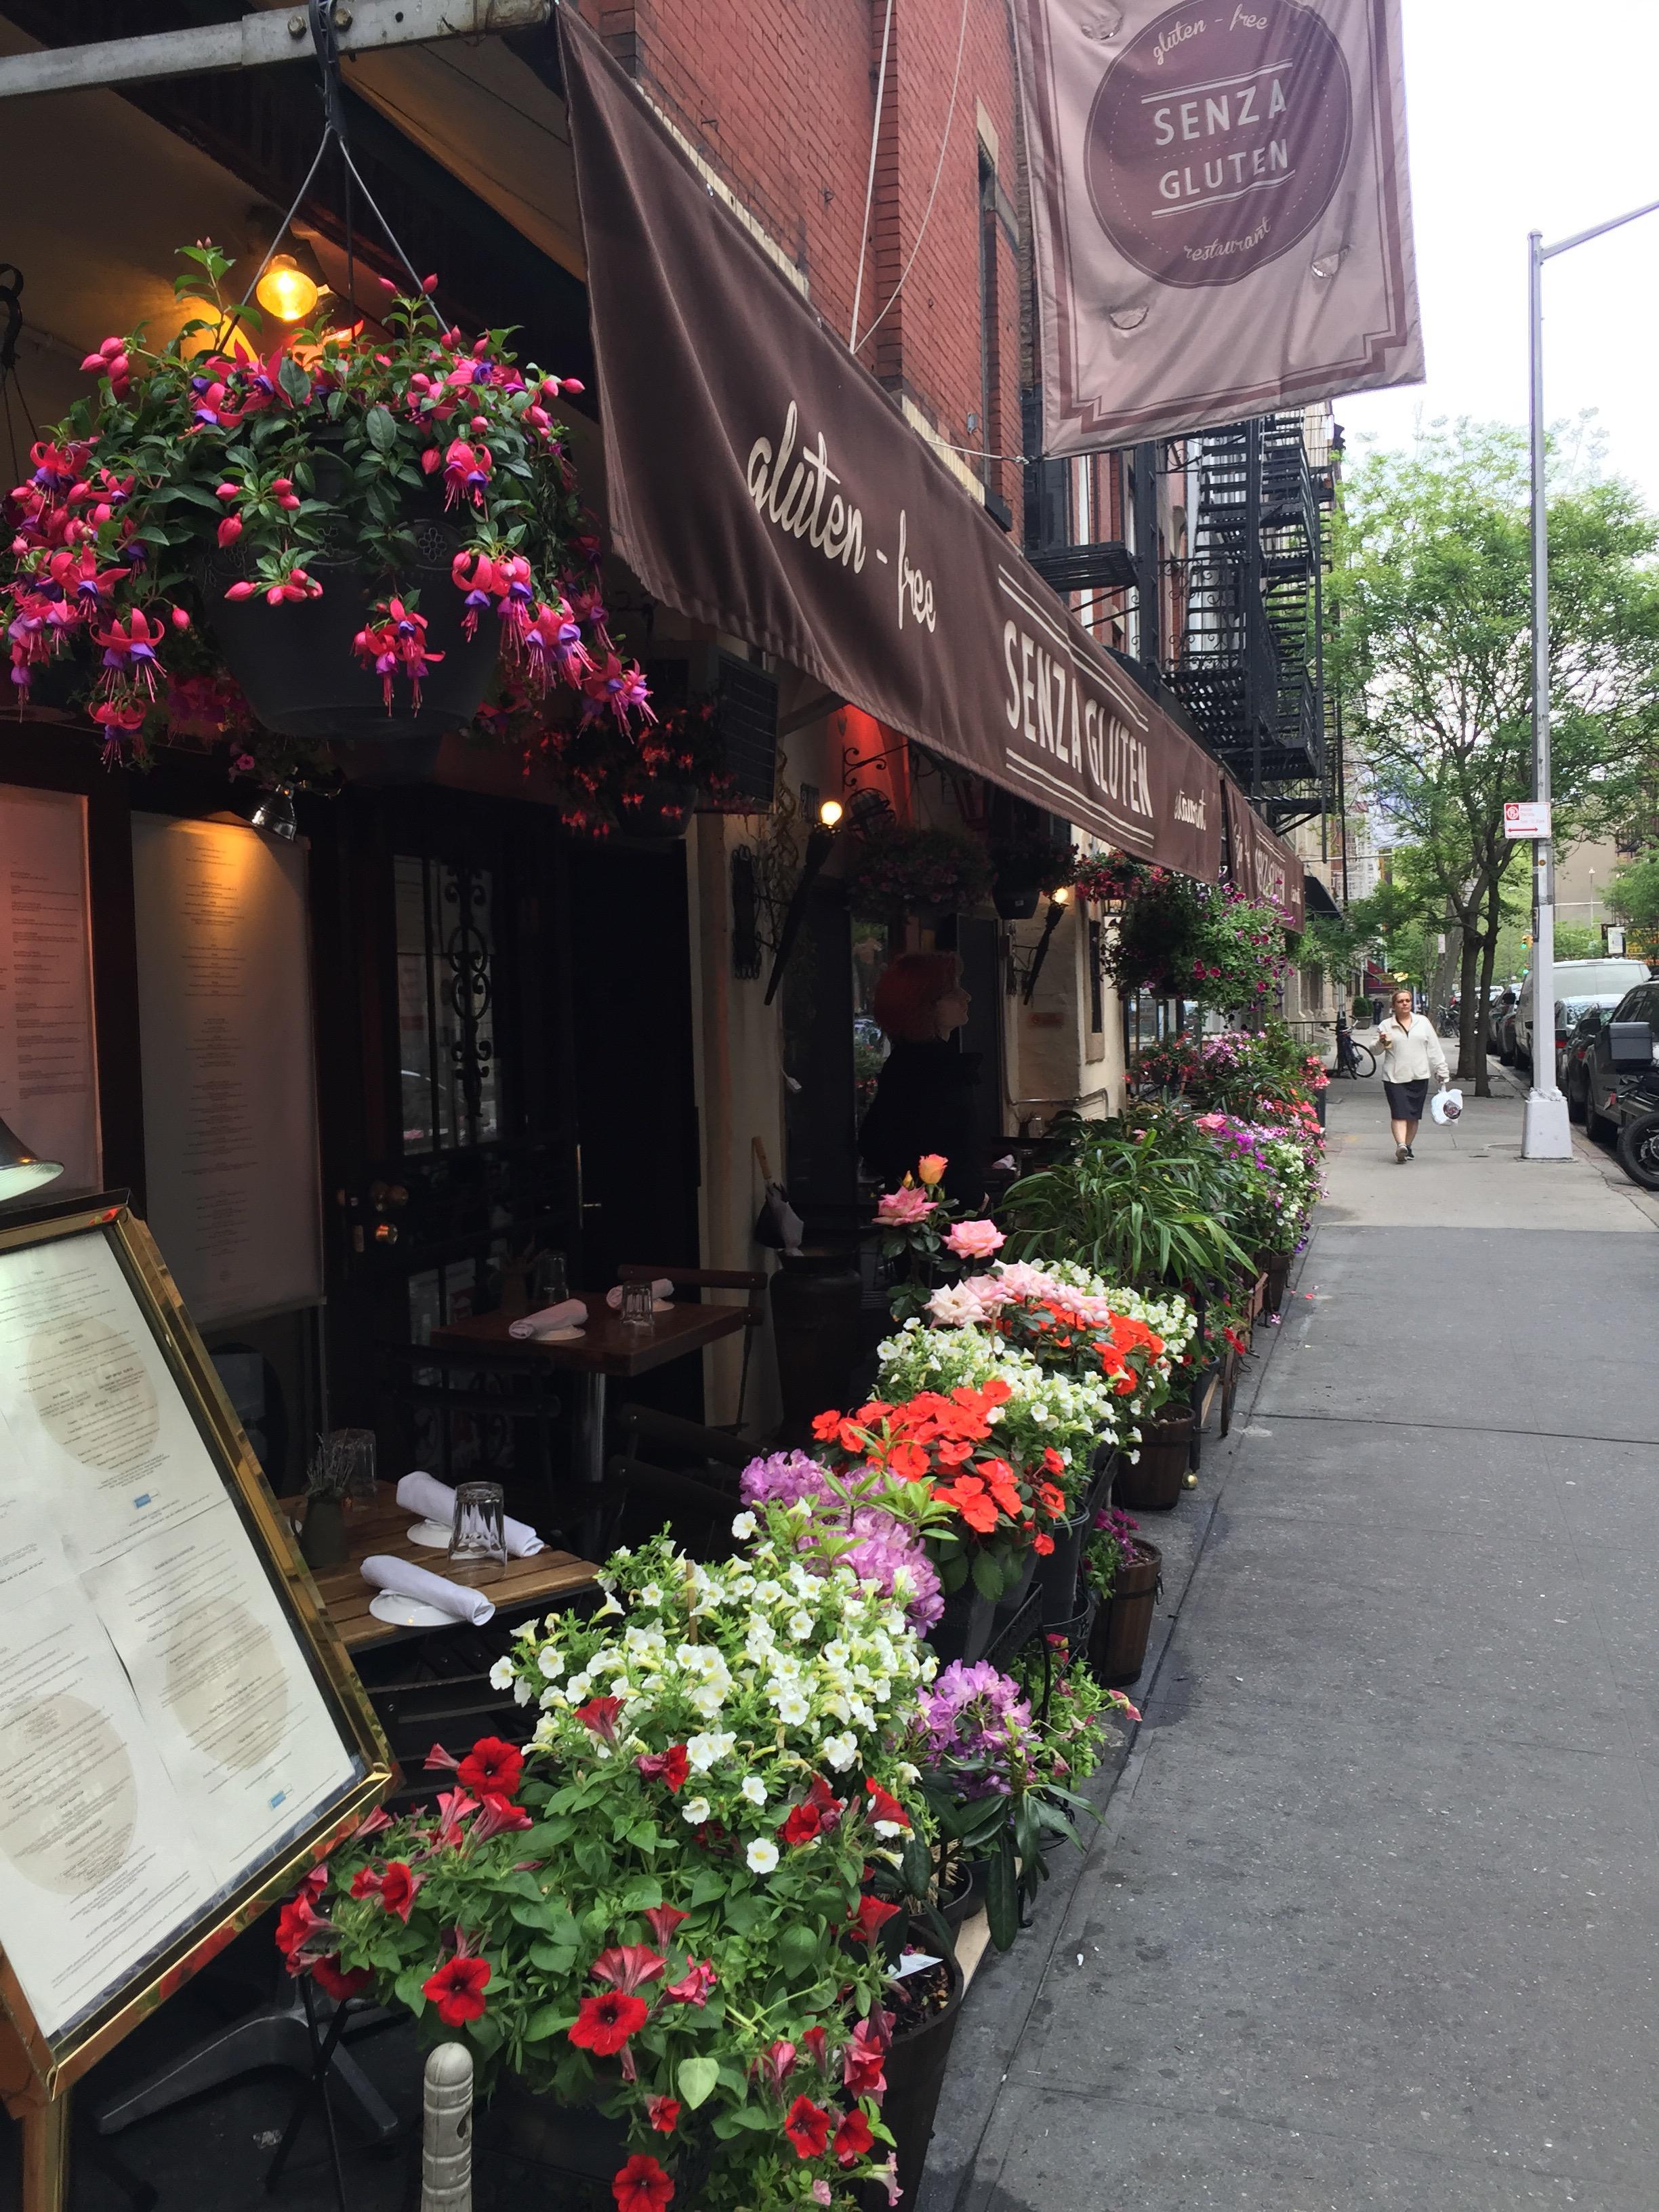 Det är inte lätt att äta glutenfritt i New York, men det går! På en av de lugnare gatorna i SoHo ligger Senza Gluten, en restaurang där allt på menyn är glutenfritt. Brödet som anländer i br...